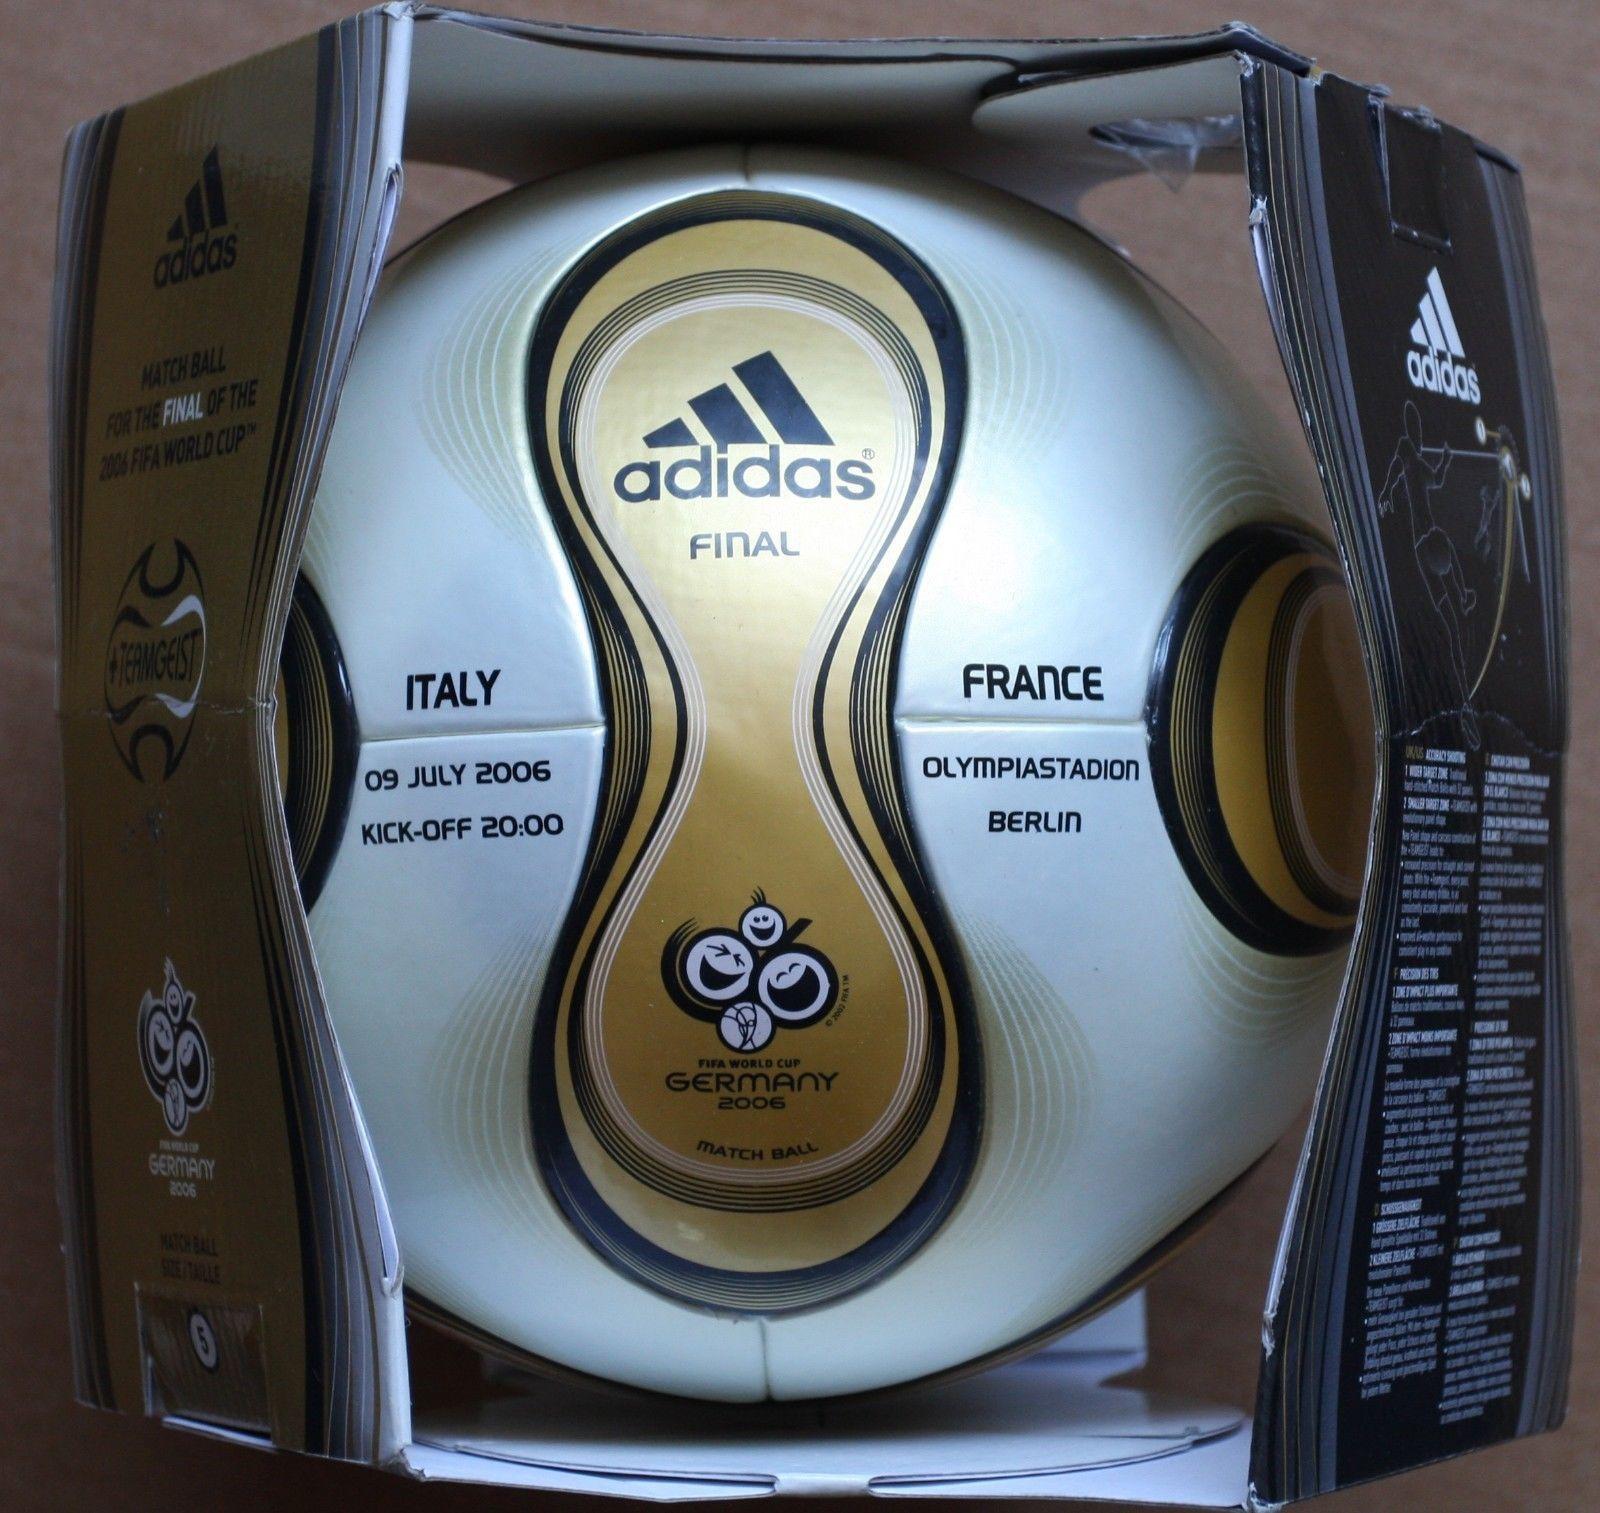 Adidas Teamgeist 2006 World Cup Final Berlin match ball